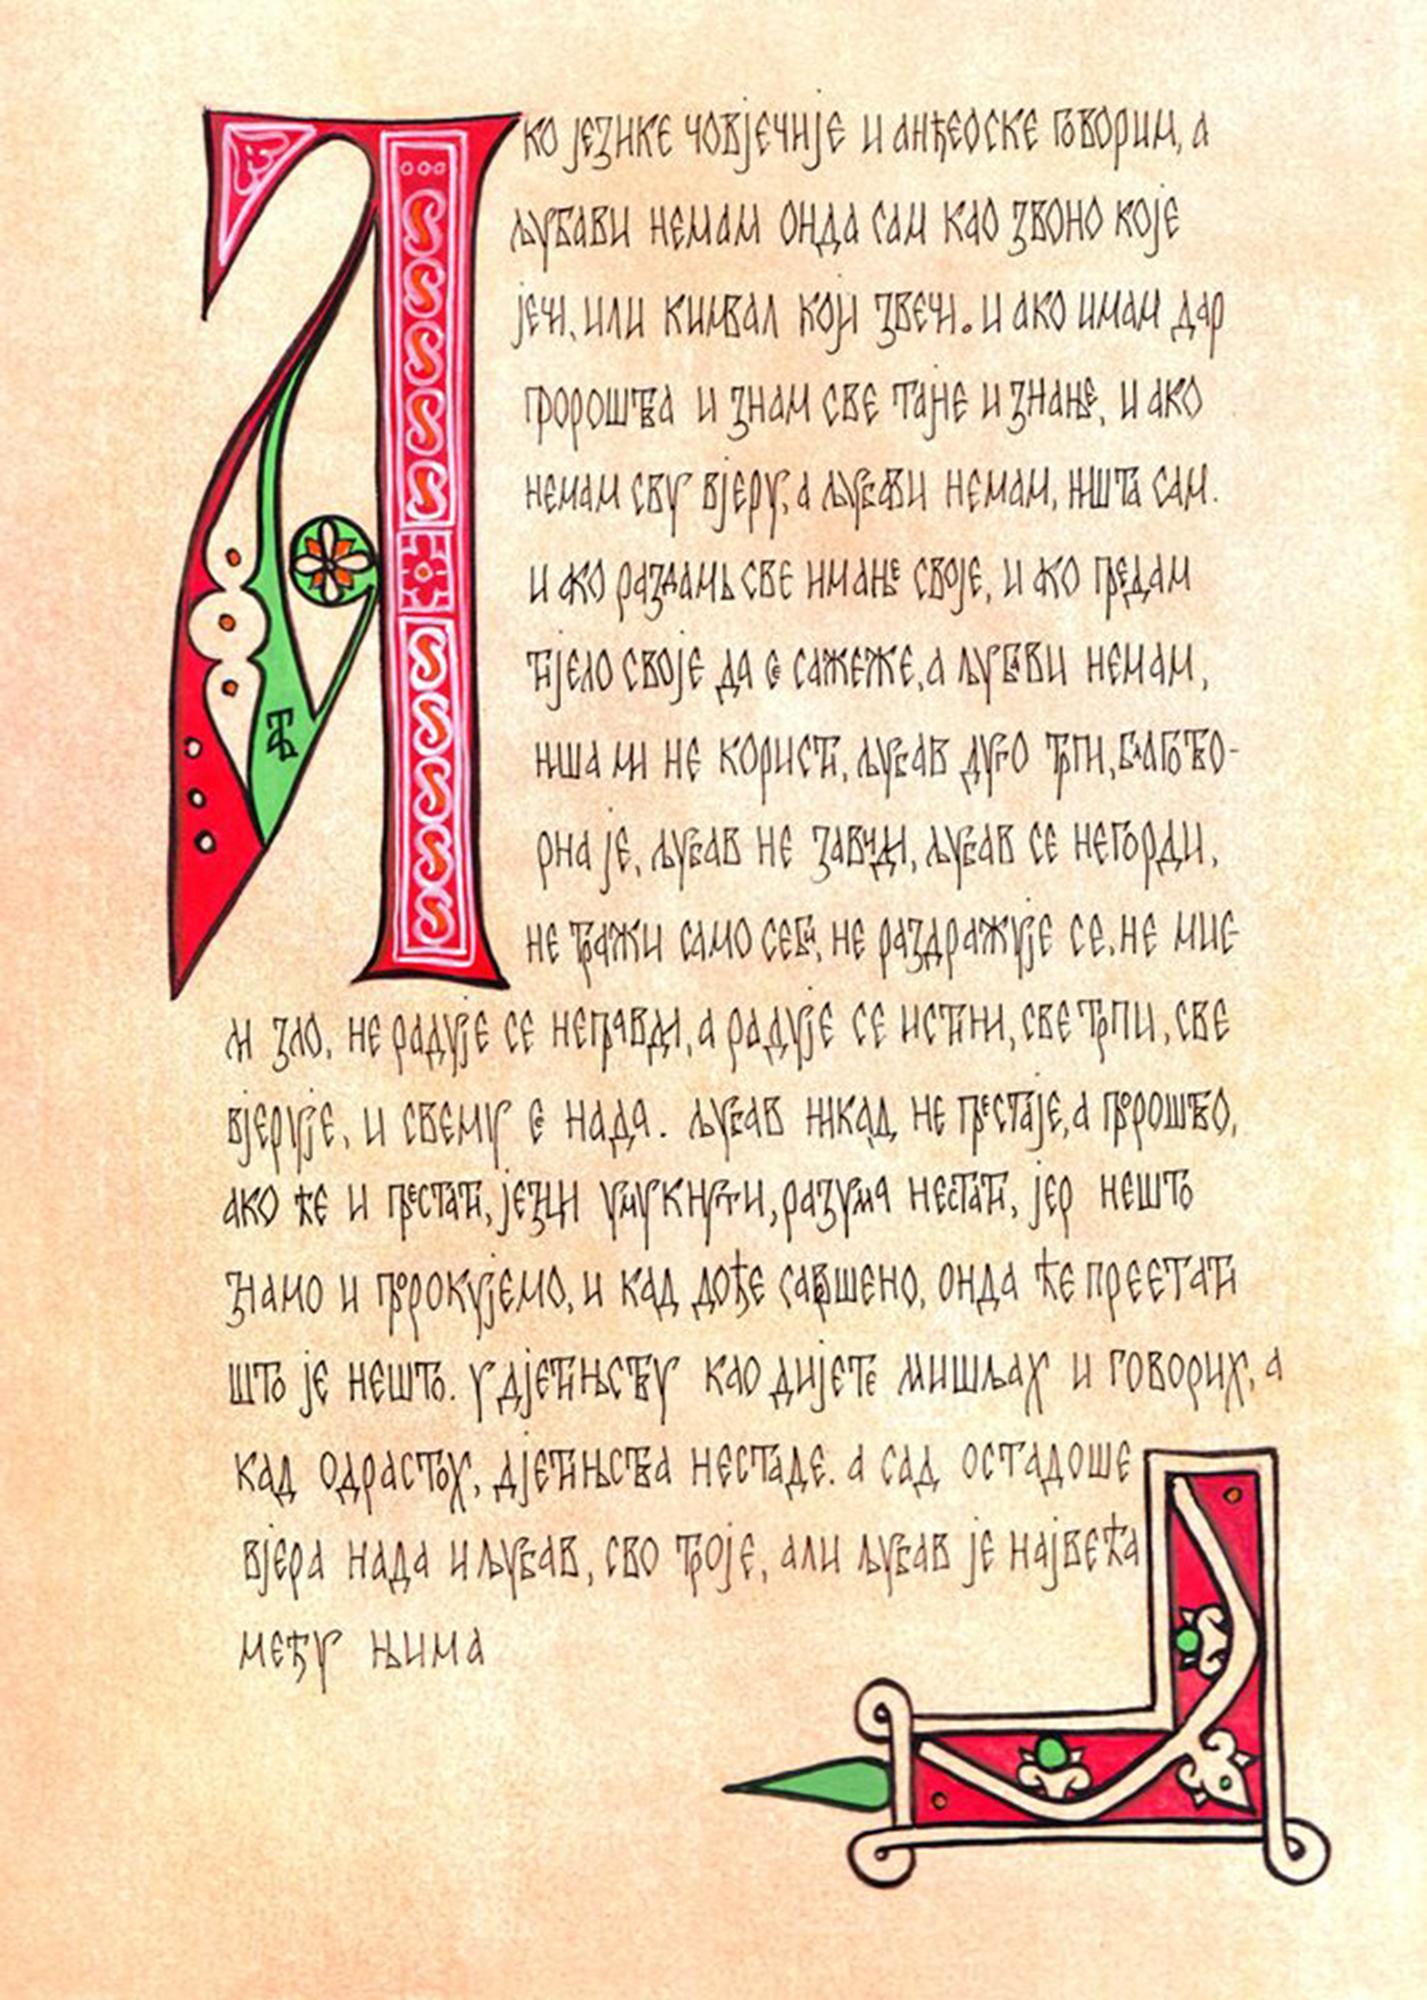 himna-ljubavi